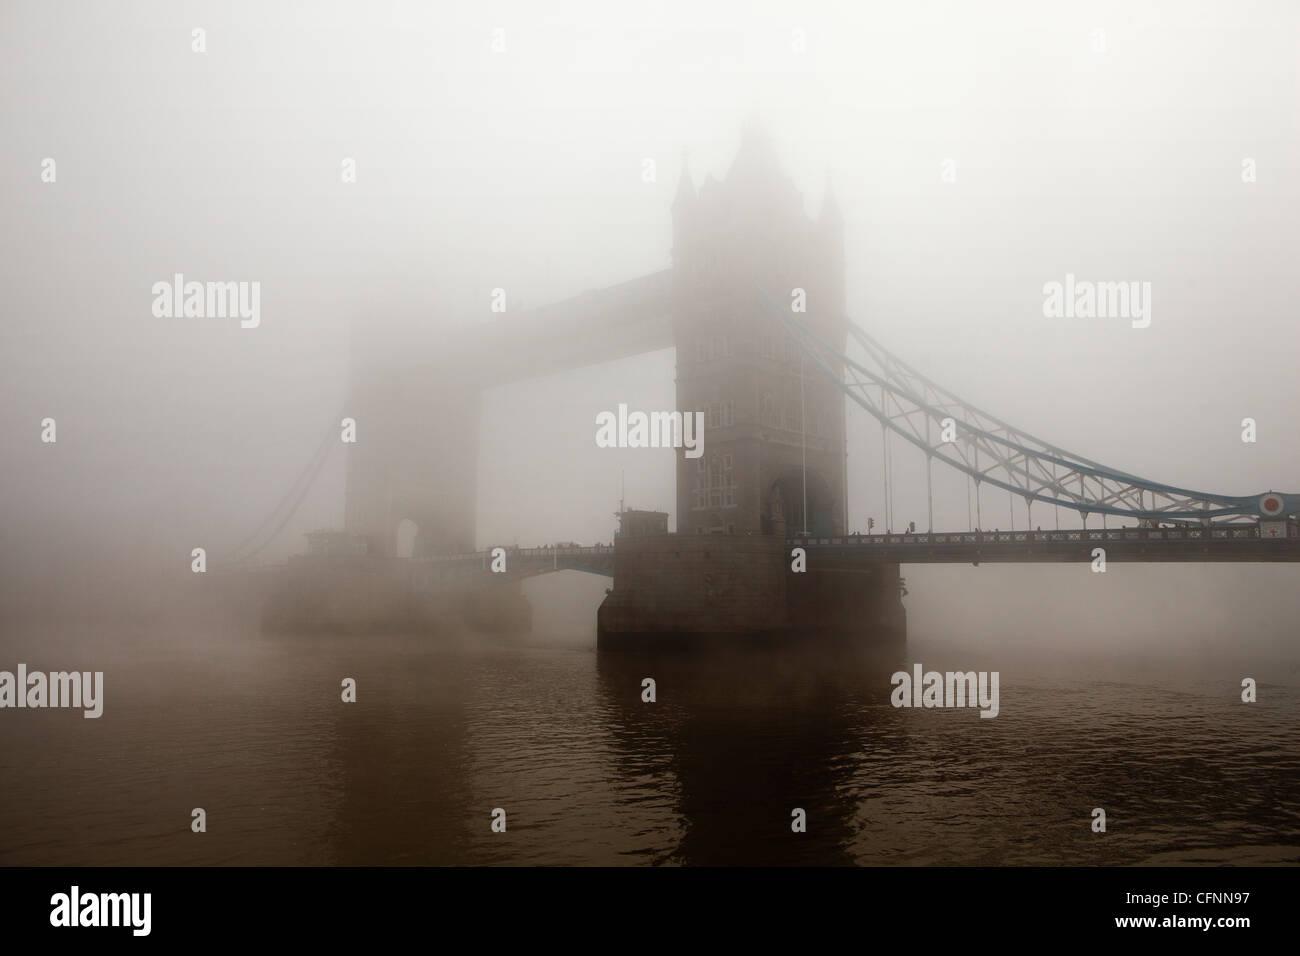 Una vista del Puente de la Torre completamente cubiertas de niebla de la mañana Imagen De Stock